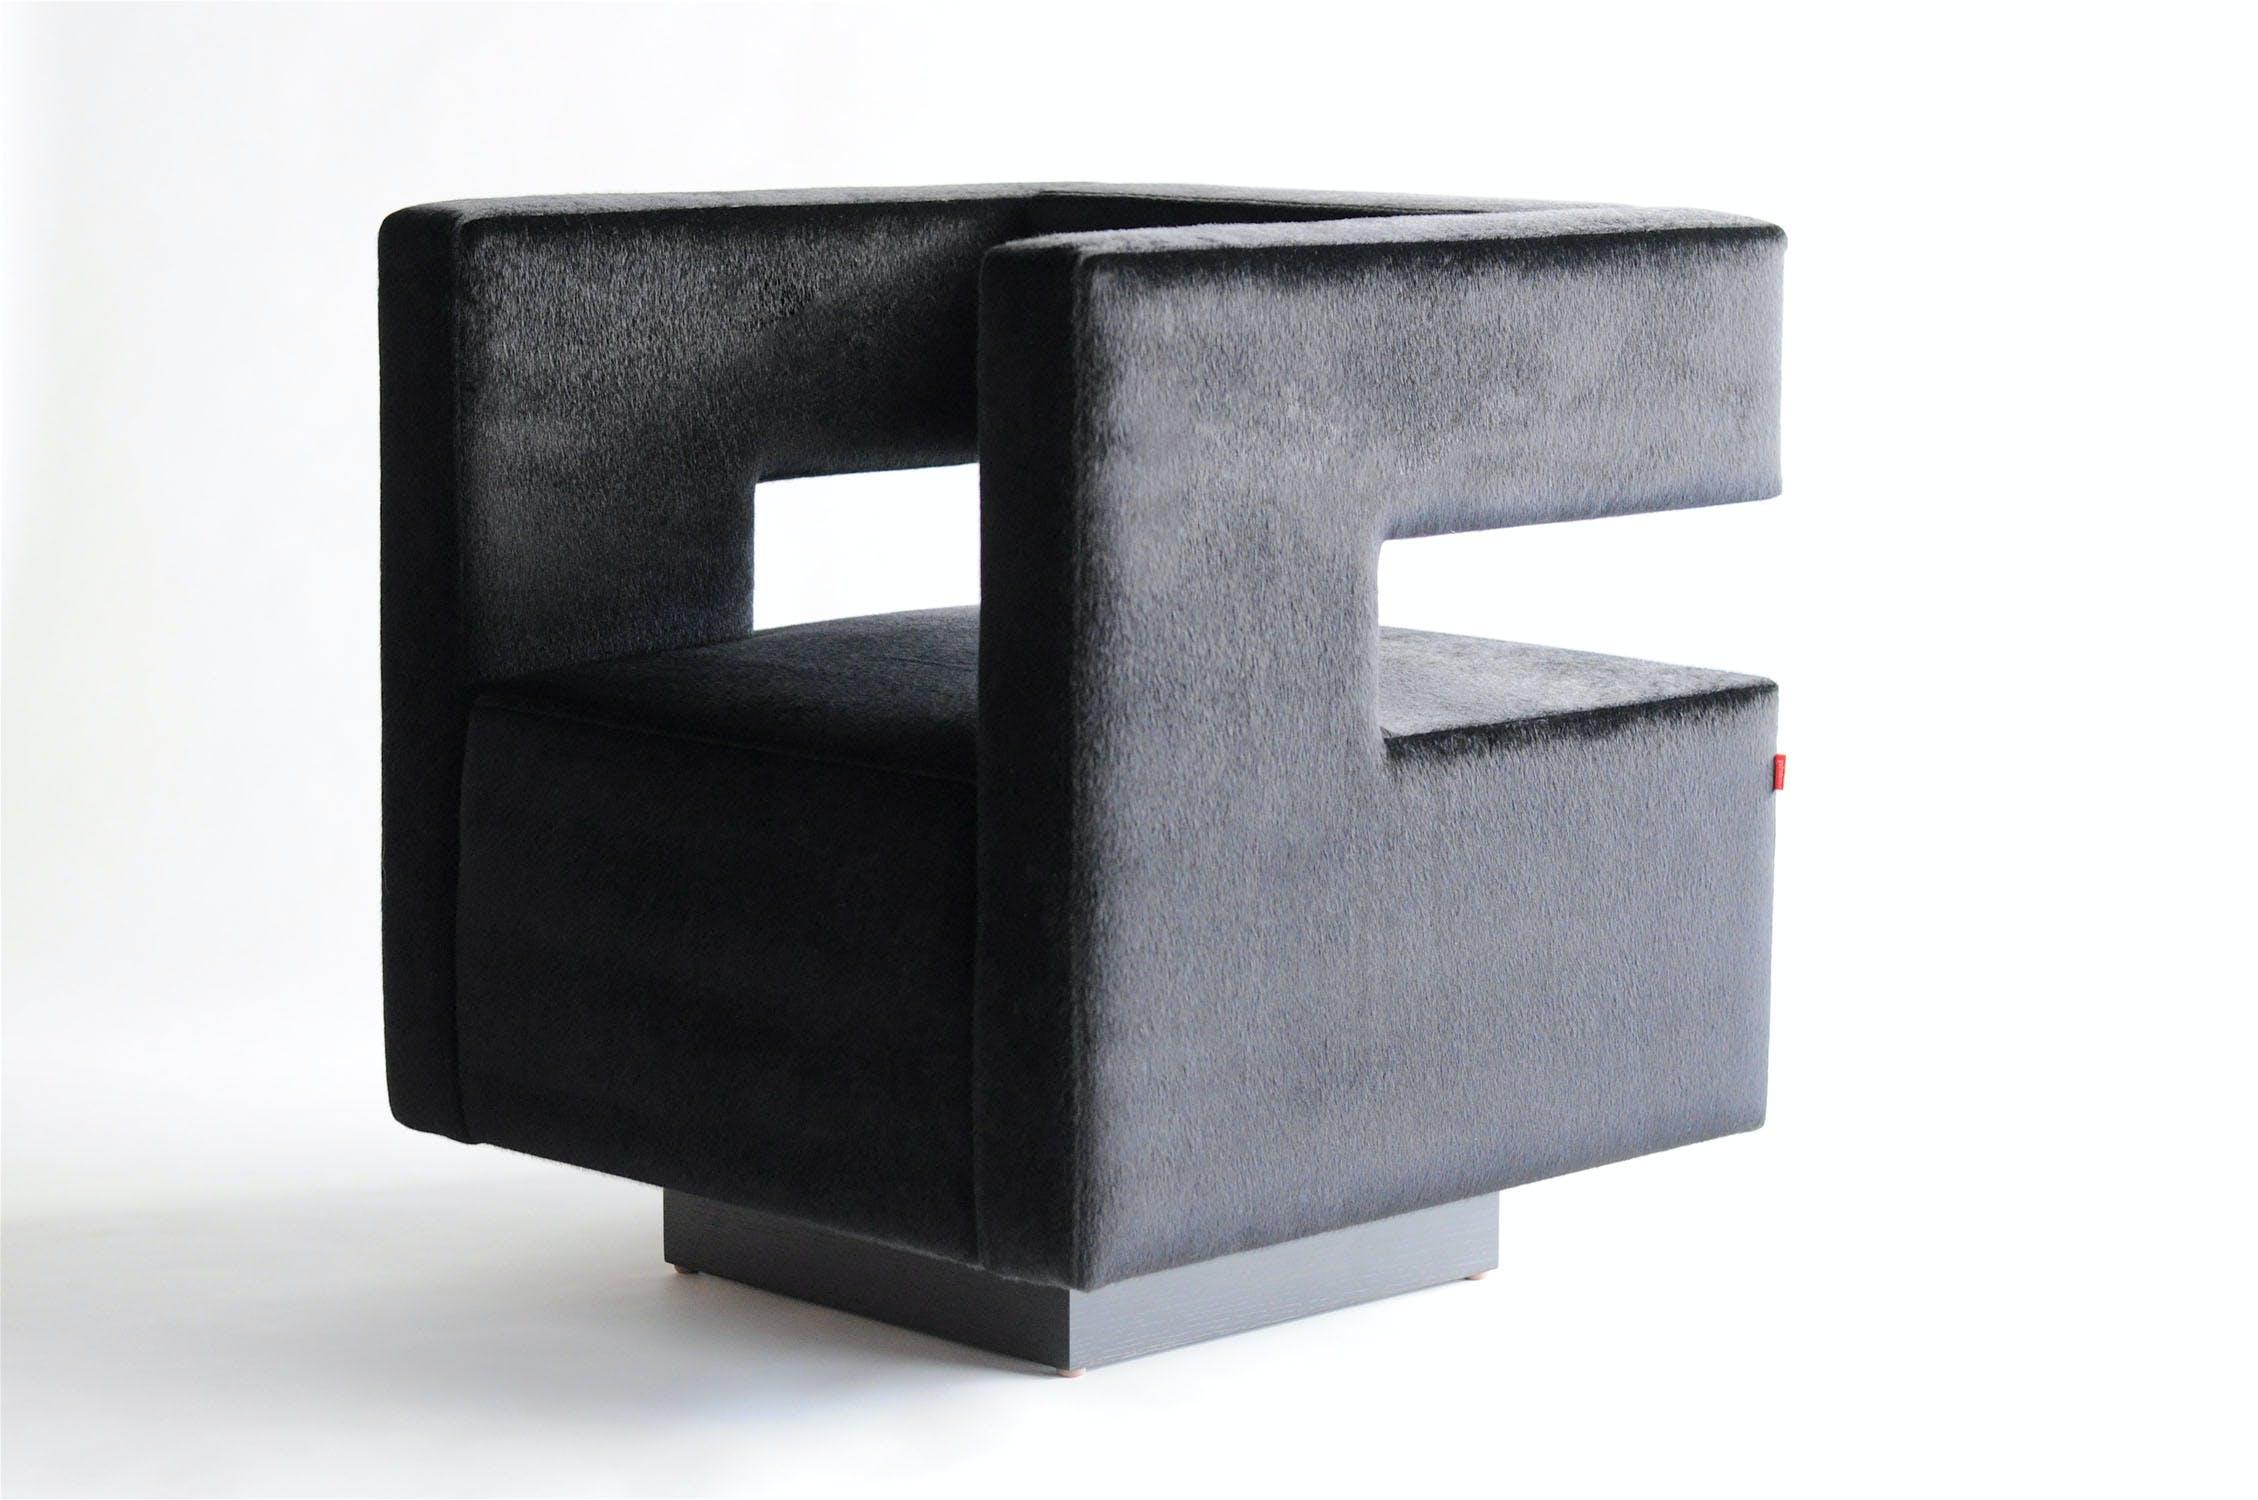 Phase Design Bbc Chair Hr 1